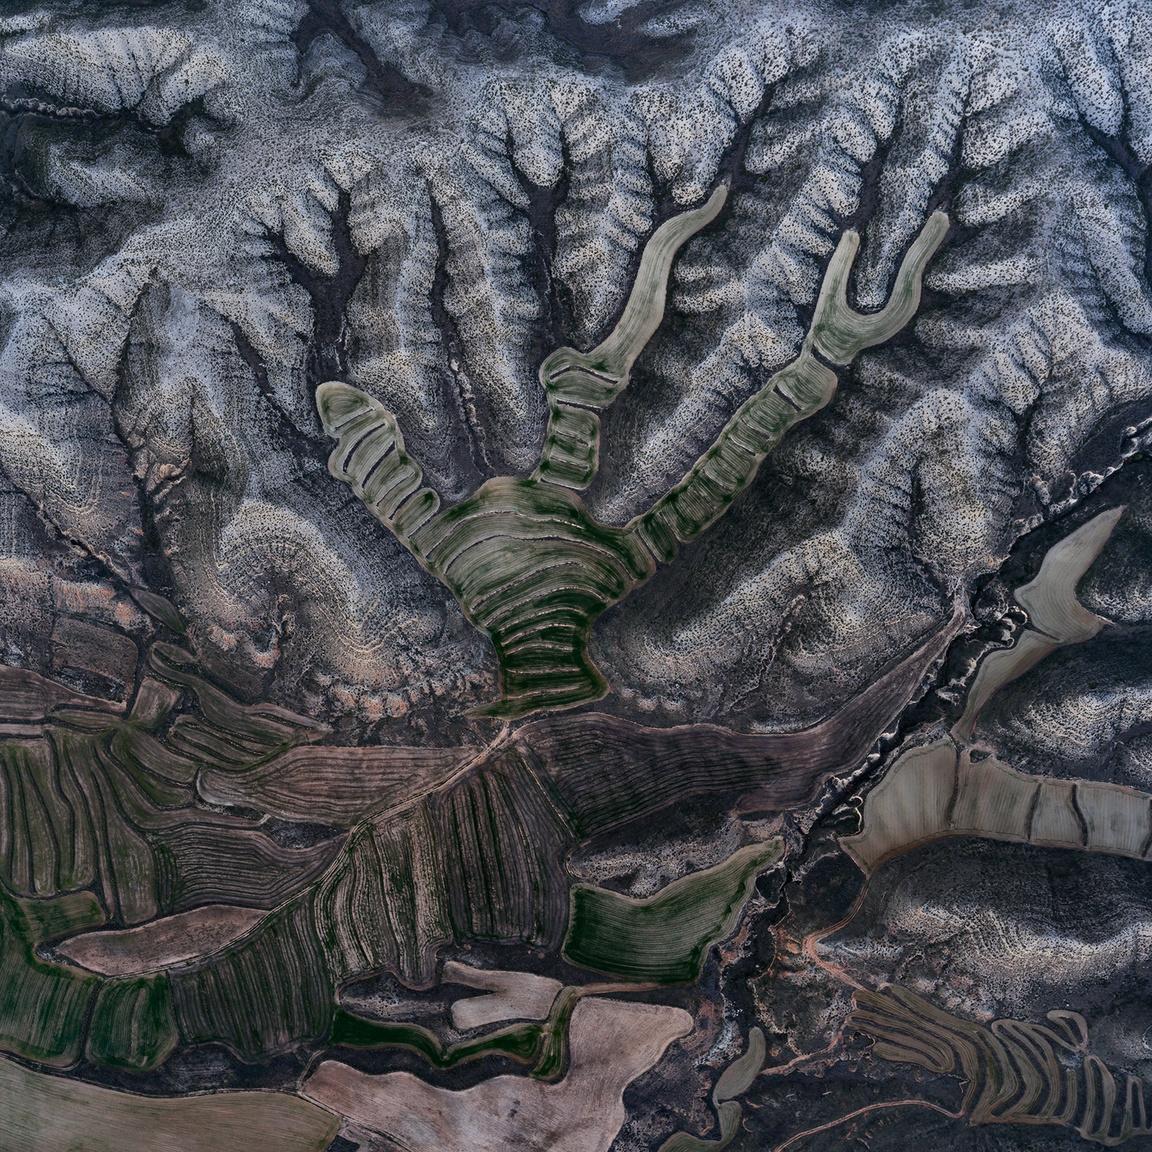 Barranco del TolloA száraz repedések és a búzamezők absztrakt mintái a dombos területet keresztül szelve felfedik, hol folyt egykoron a patak, és hol rakta le hordalékként a termő táptalaj alapjait.Botorrita, Zaragoza, Spanyolország. 2018.12.30.A képen látható terület szélessége: 790 m.